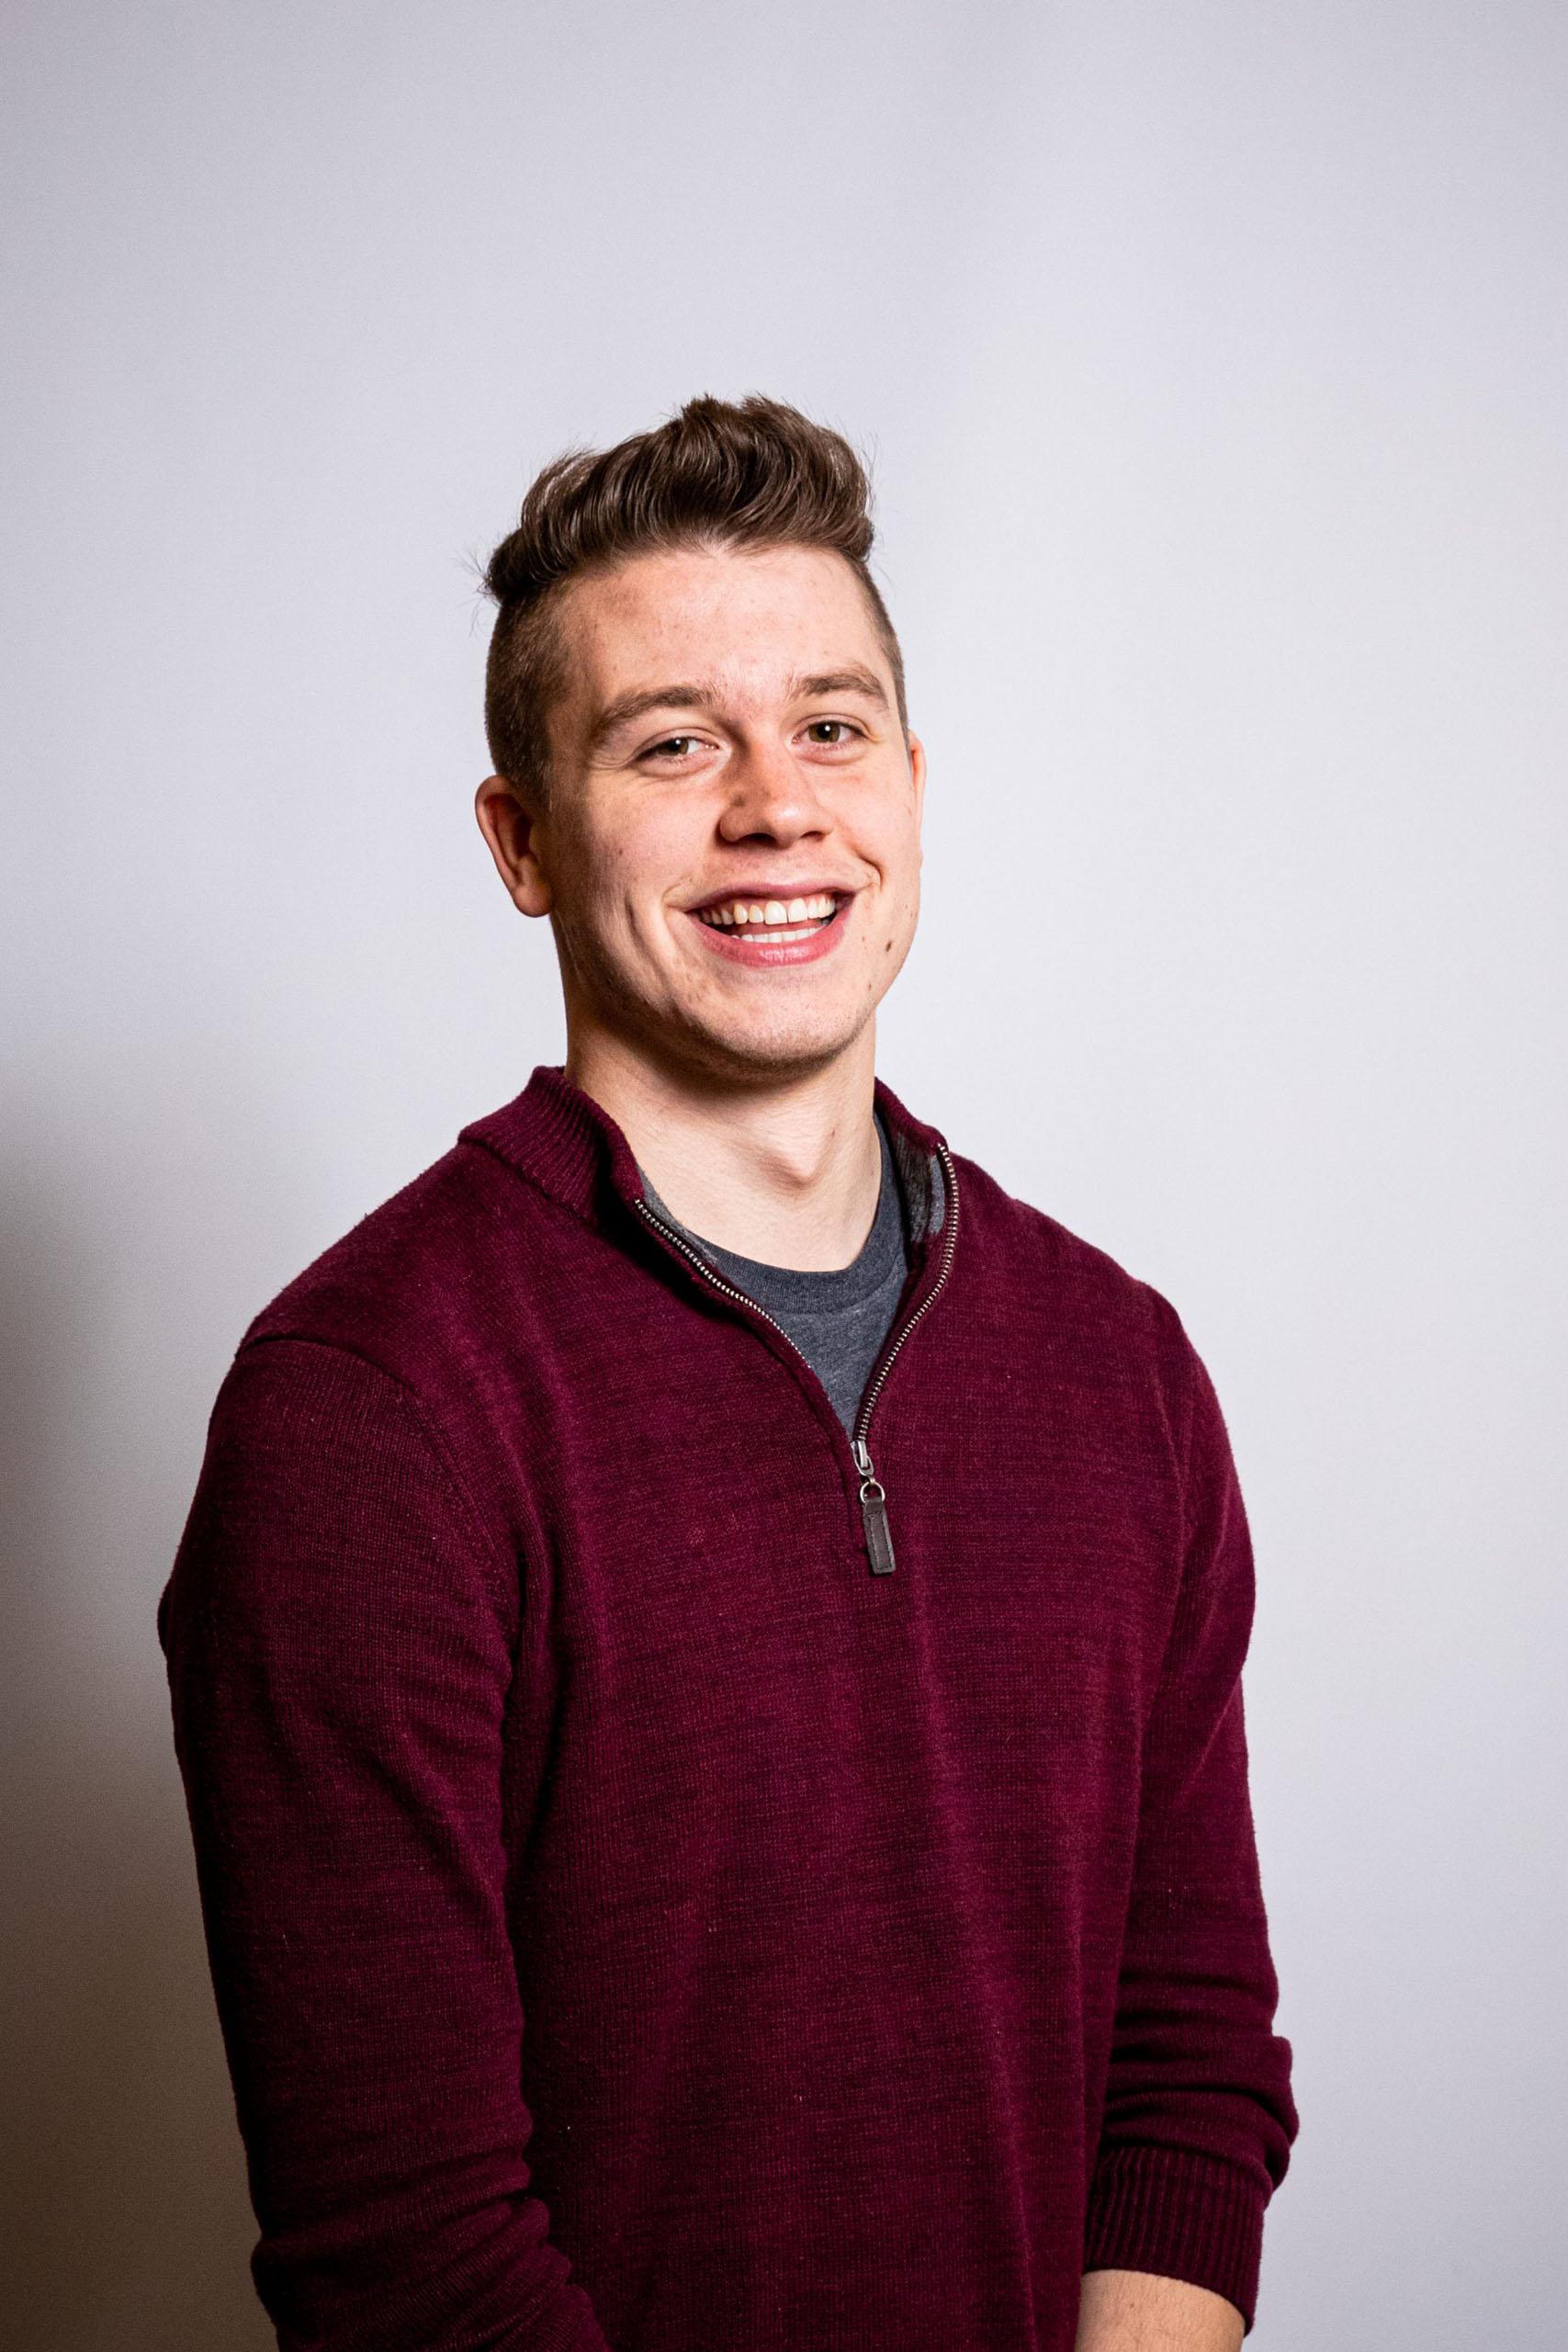 Profile Photo of Student Mitchell Zasa